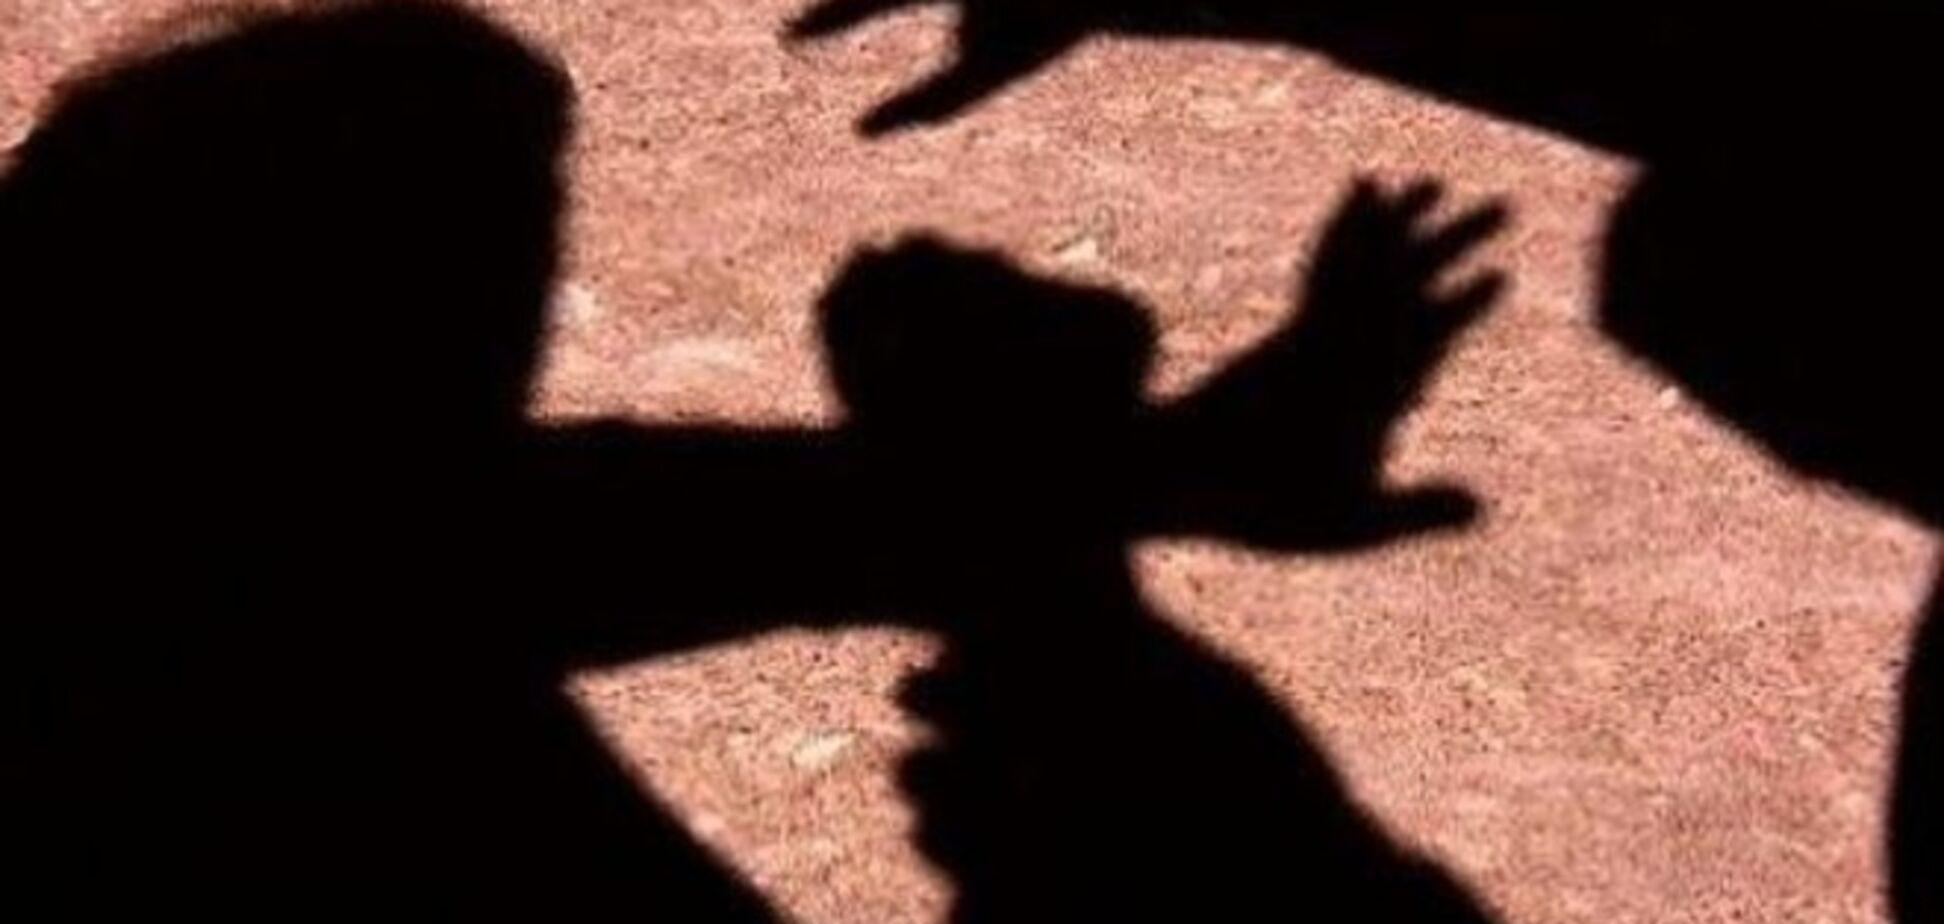 'Головою об асфальт': в Росії п'яні школярки жорстоко побили однокласницю